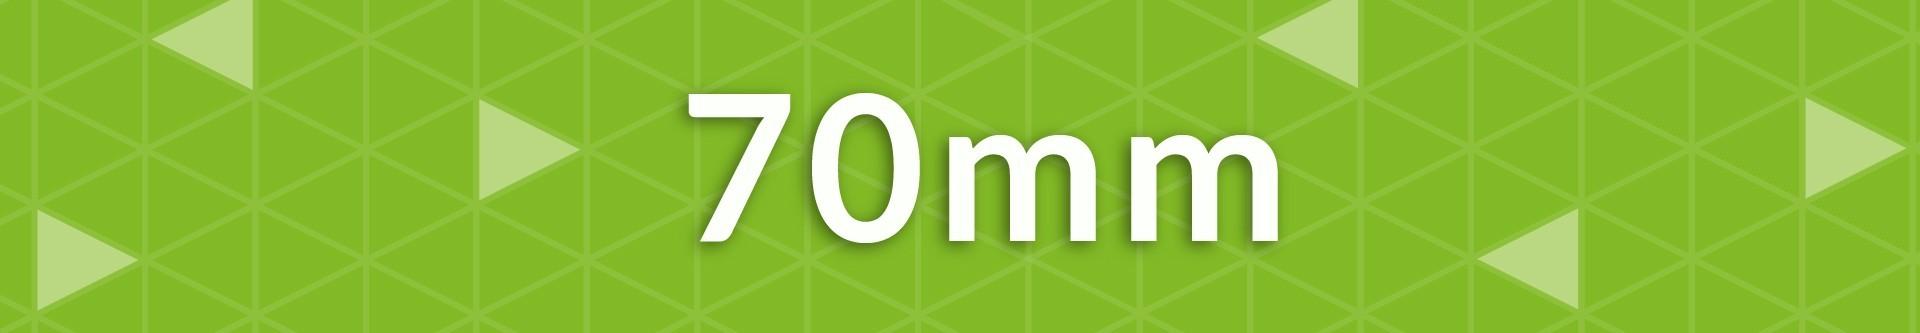 Casas de madera  | Grosor 70mm